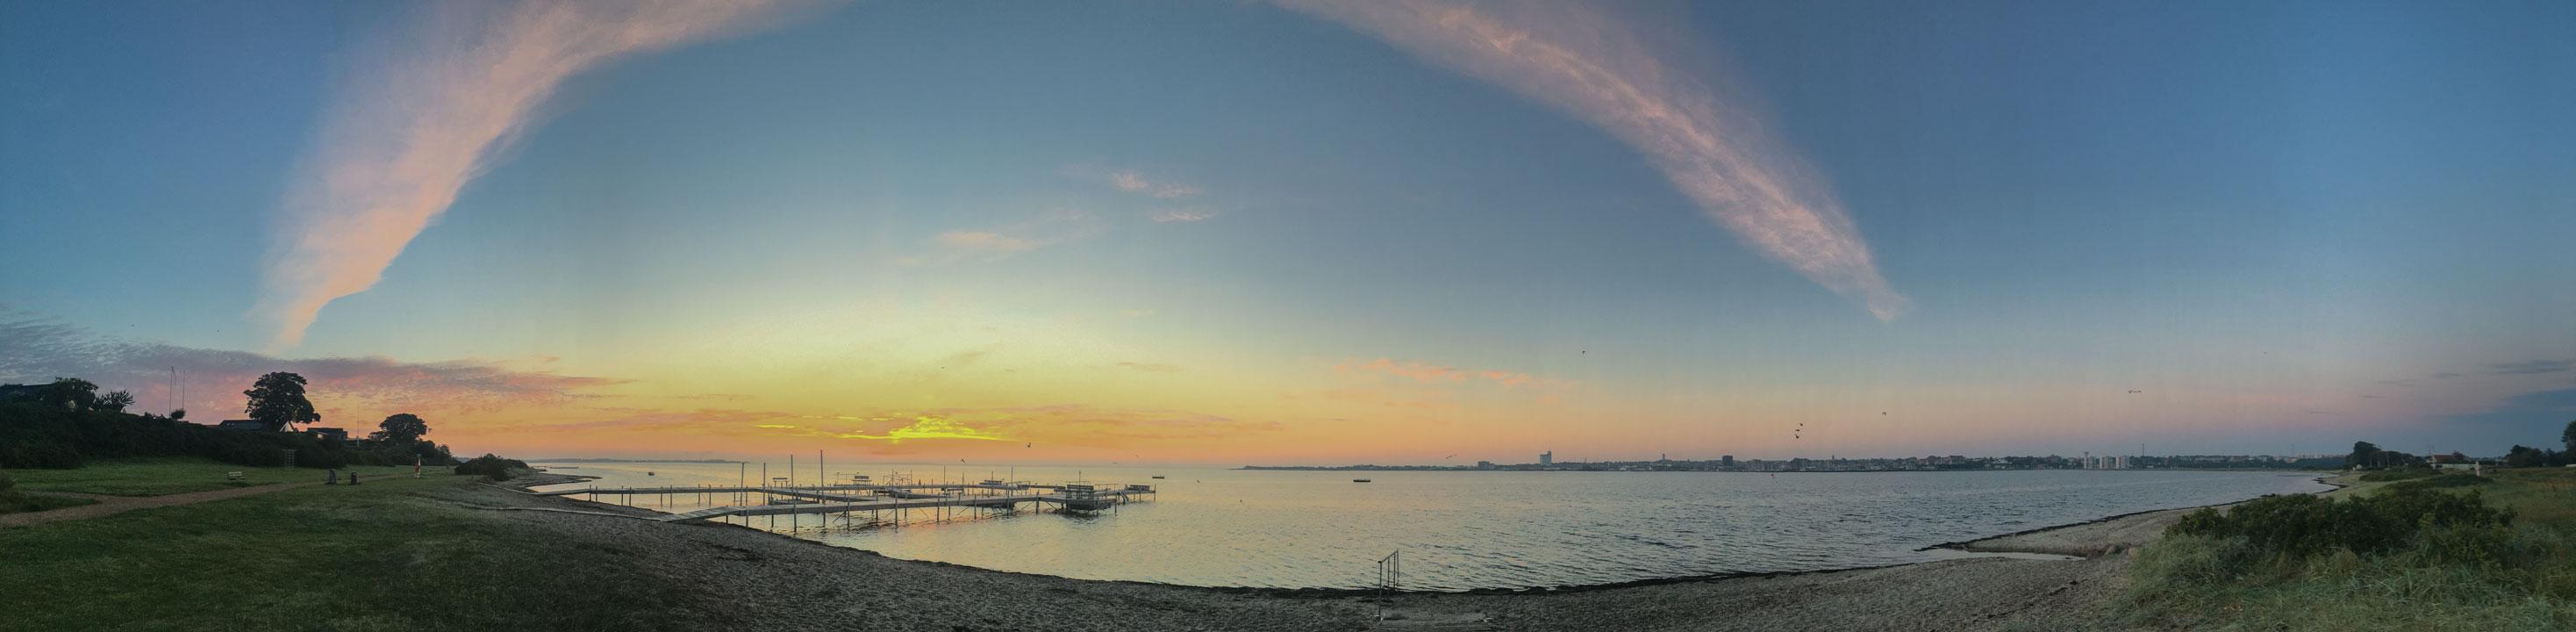 aurelia-brivet-160831-sunrise-beach-ld